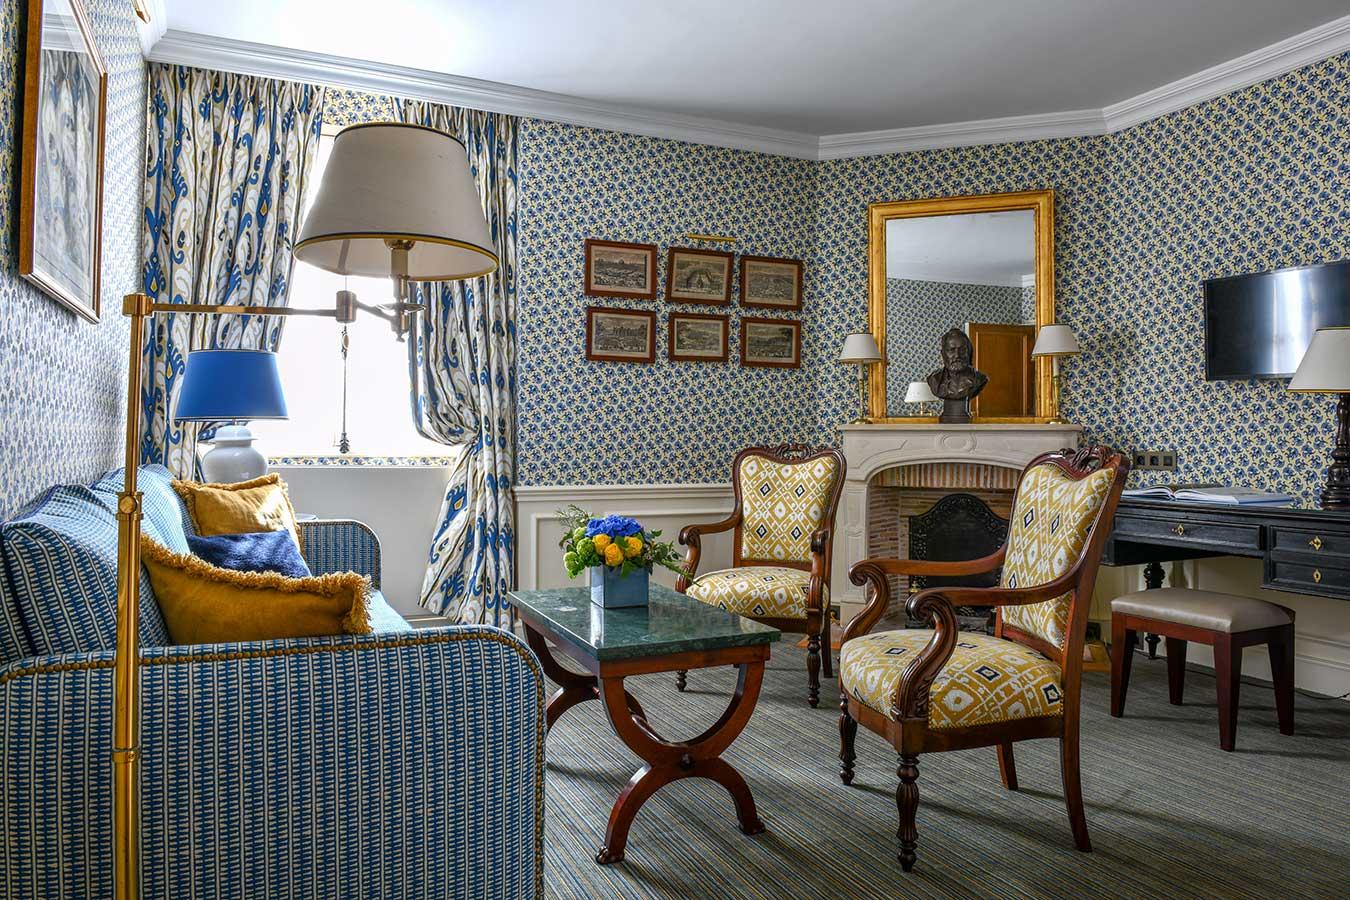 Appartement Terrasse - Grand salon avec canapé, fauteuils, table basse, bureau et cheminée, dans une harmonie de bleu et jaune